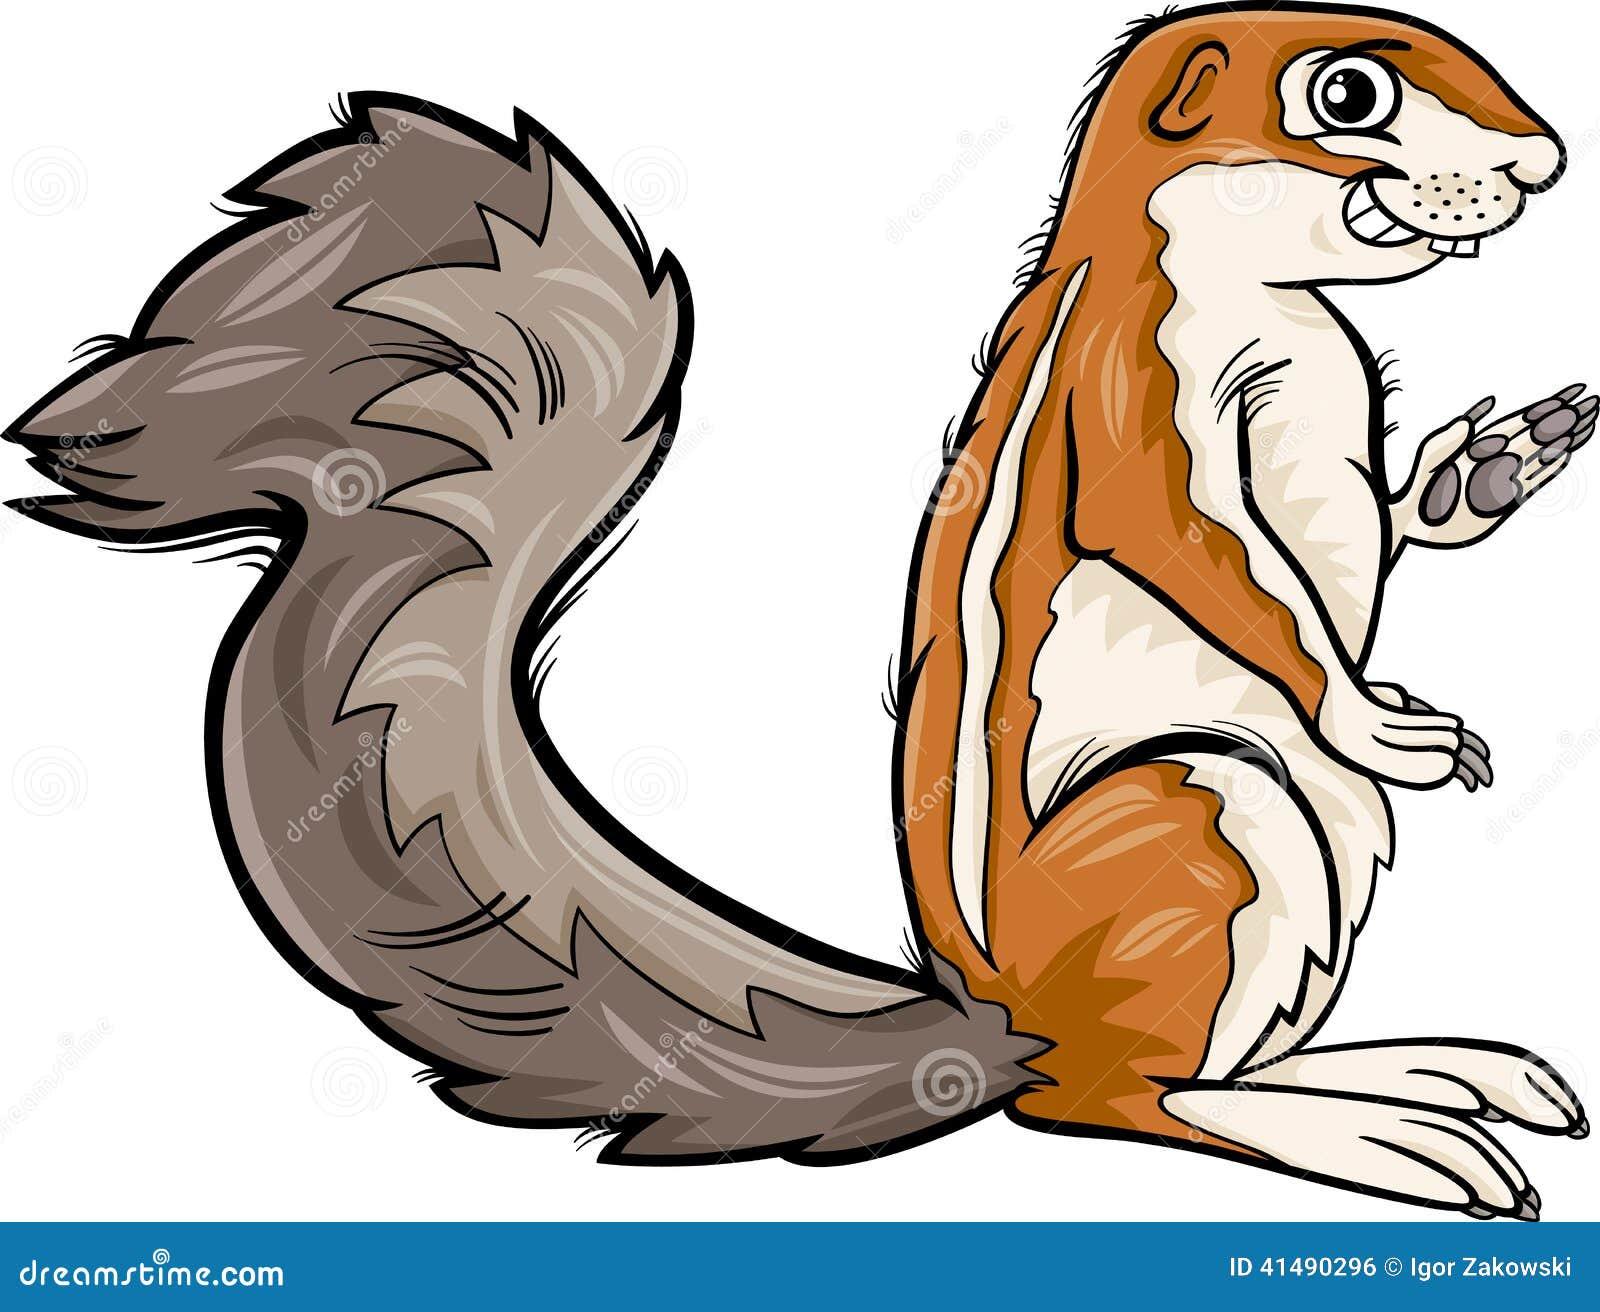 illustration animale de bande dessinée de xerus